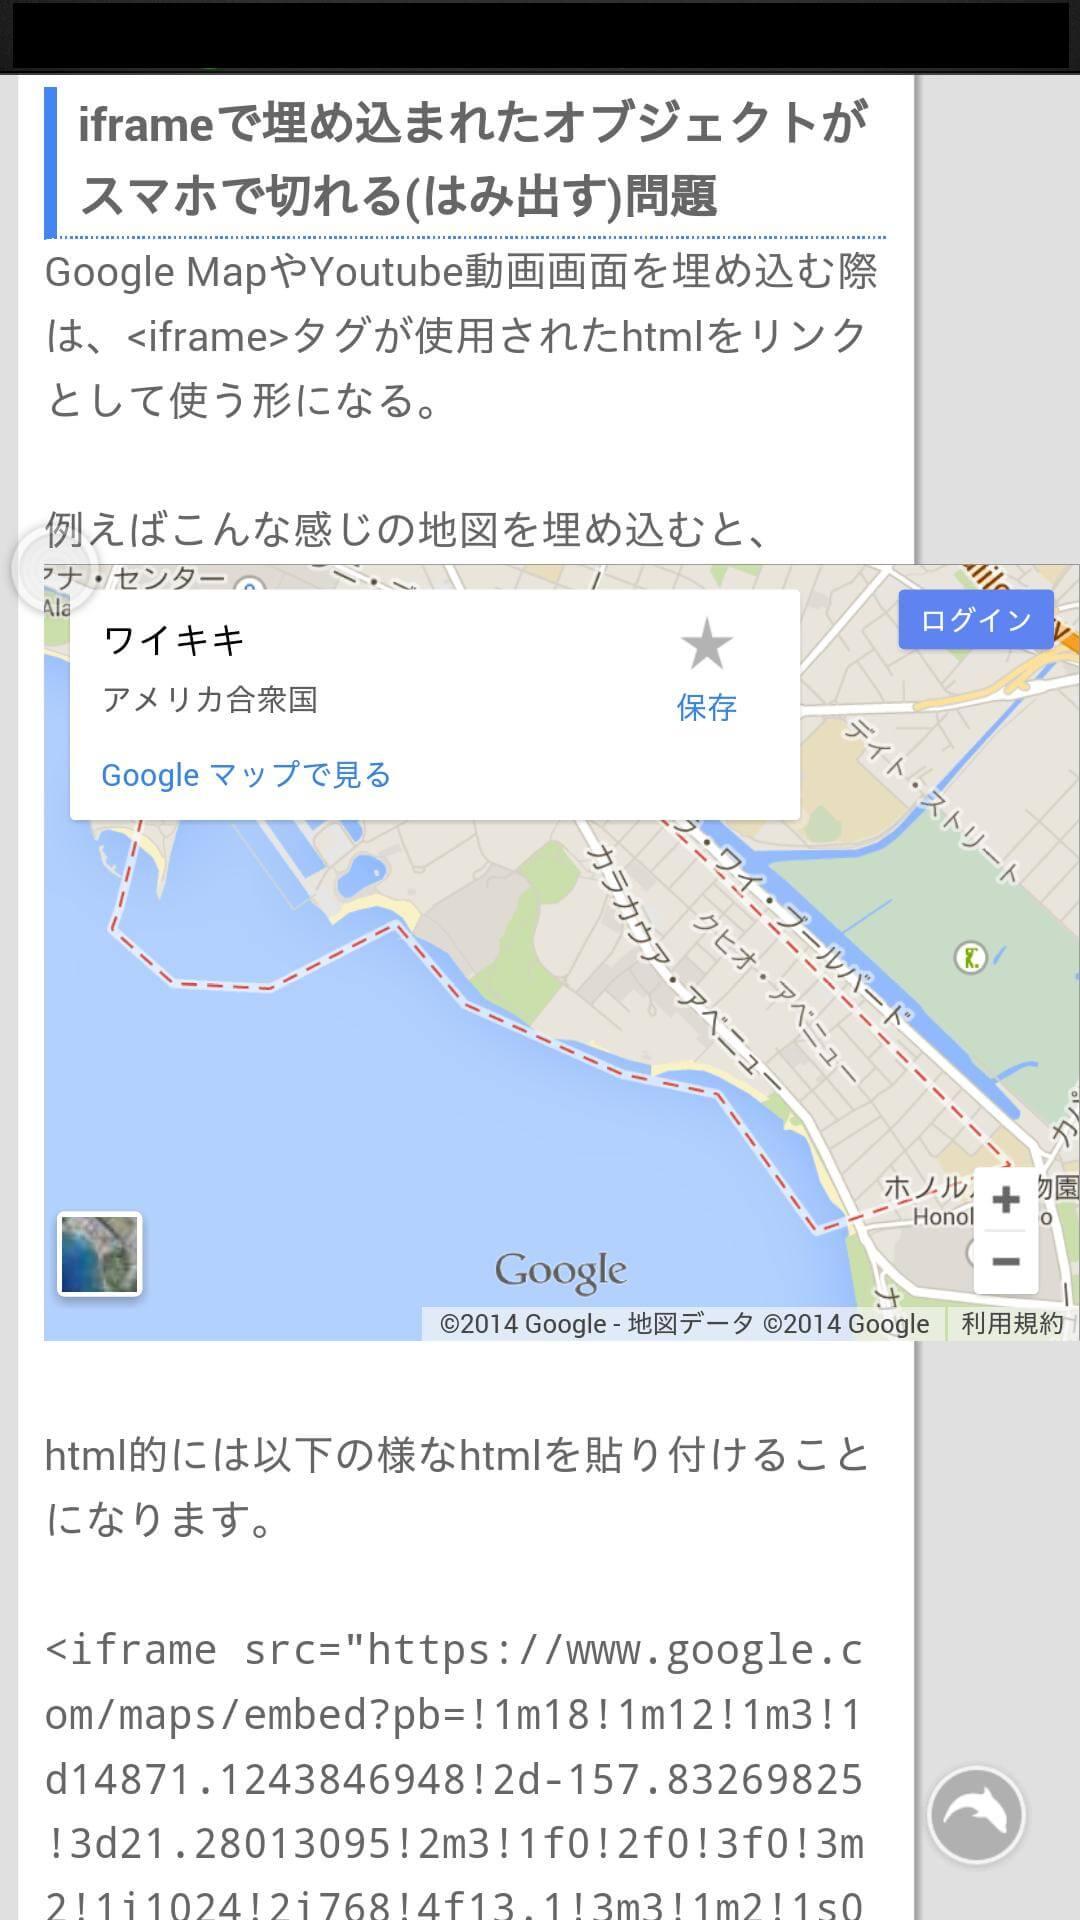 Google Mapがスマホの画面で見るとはみ出してしまっている。